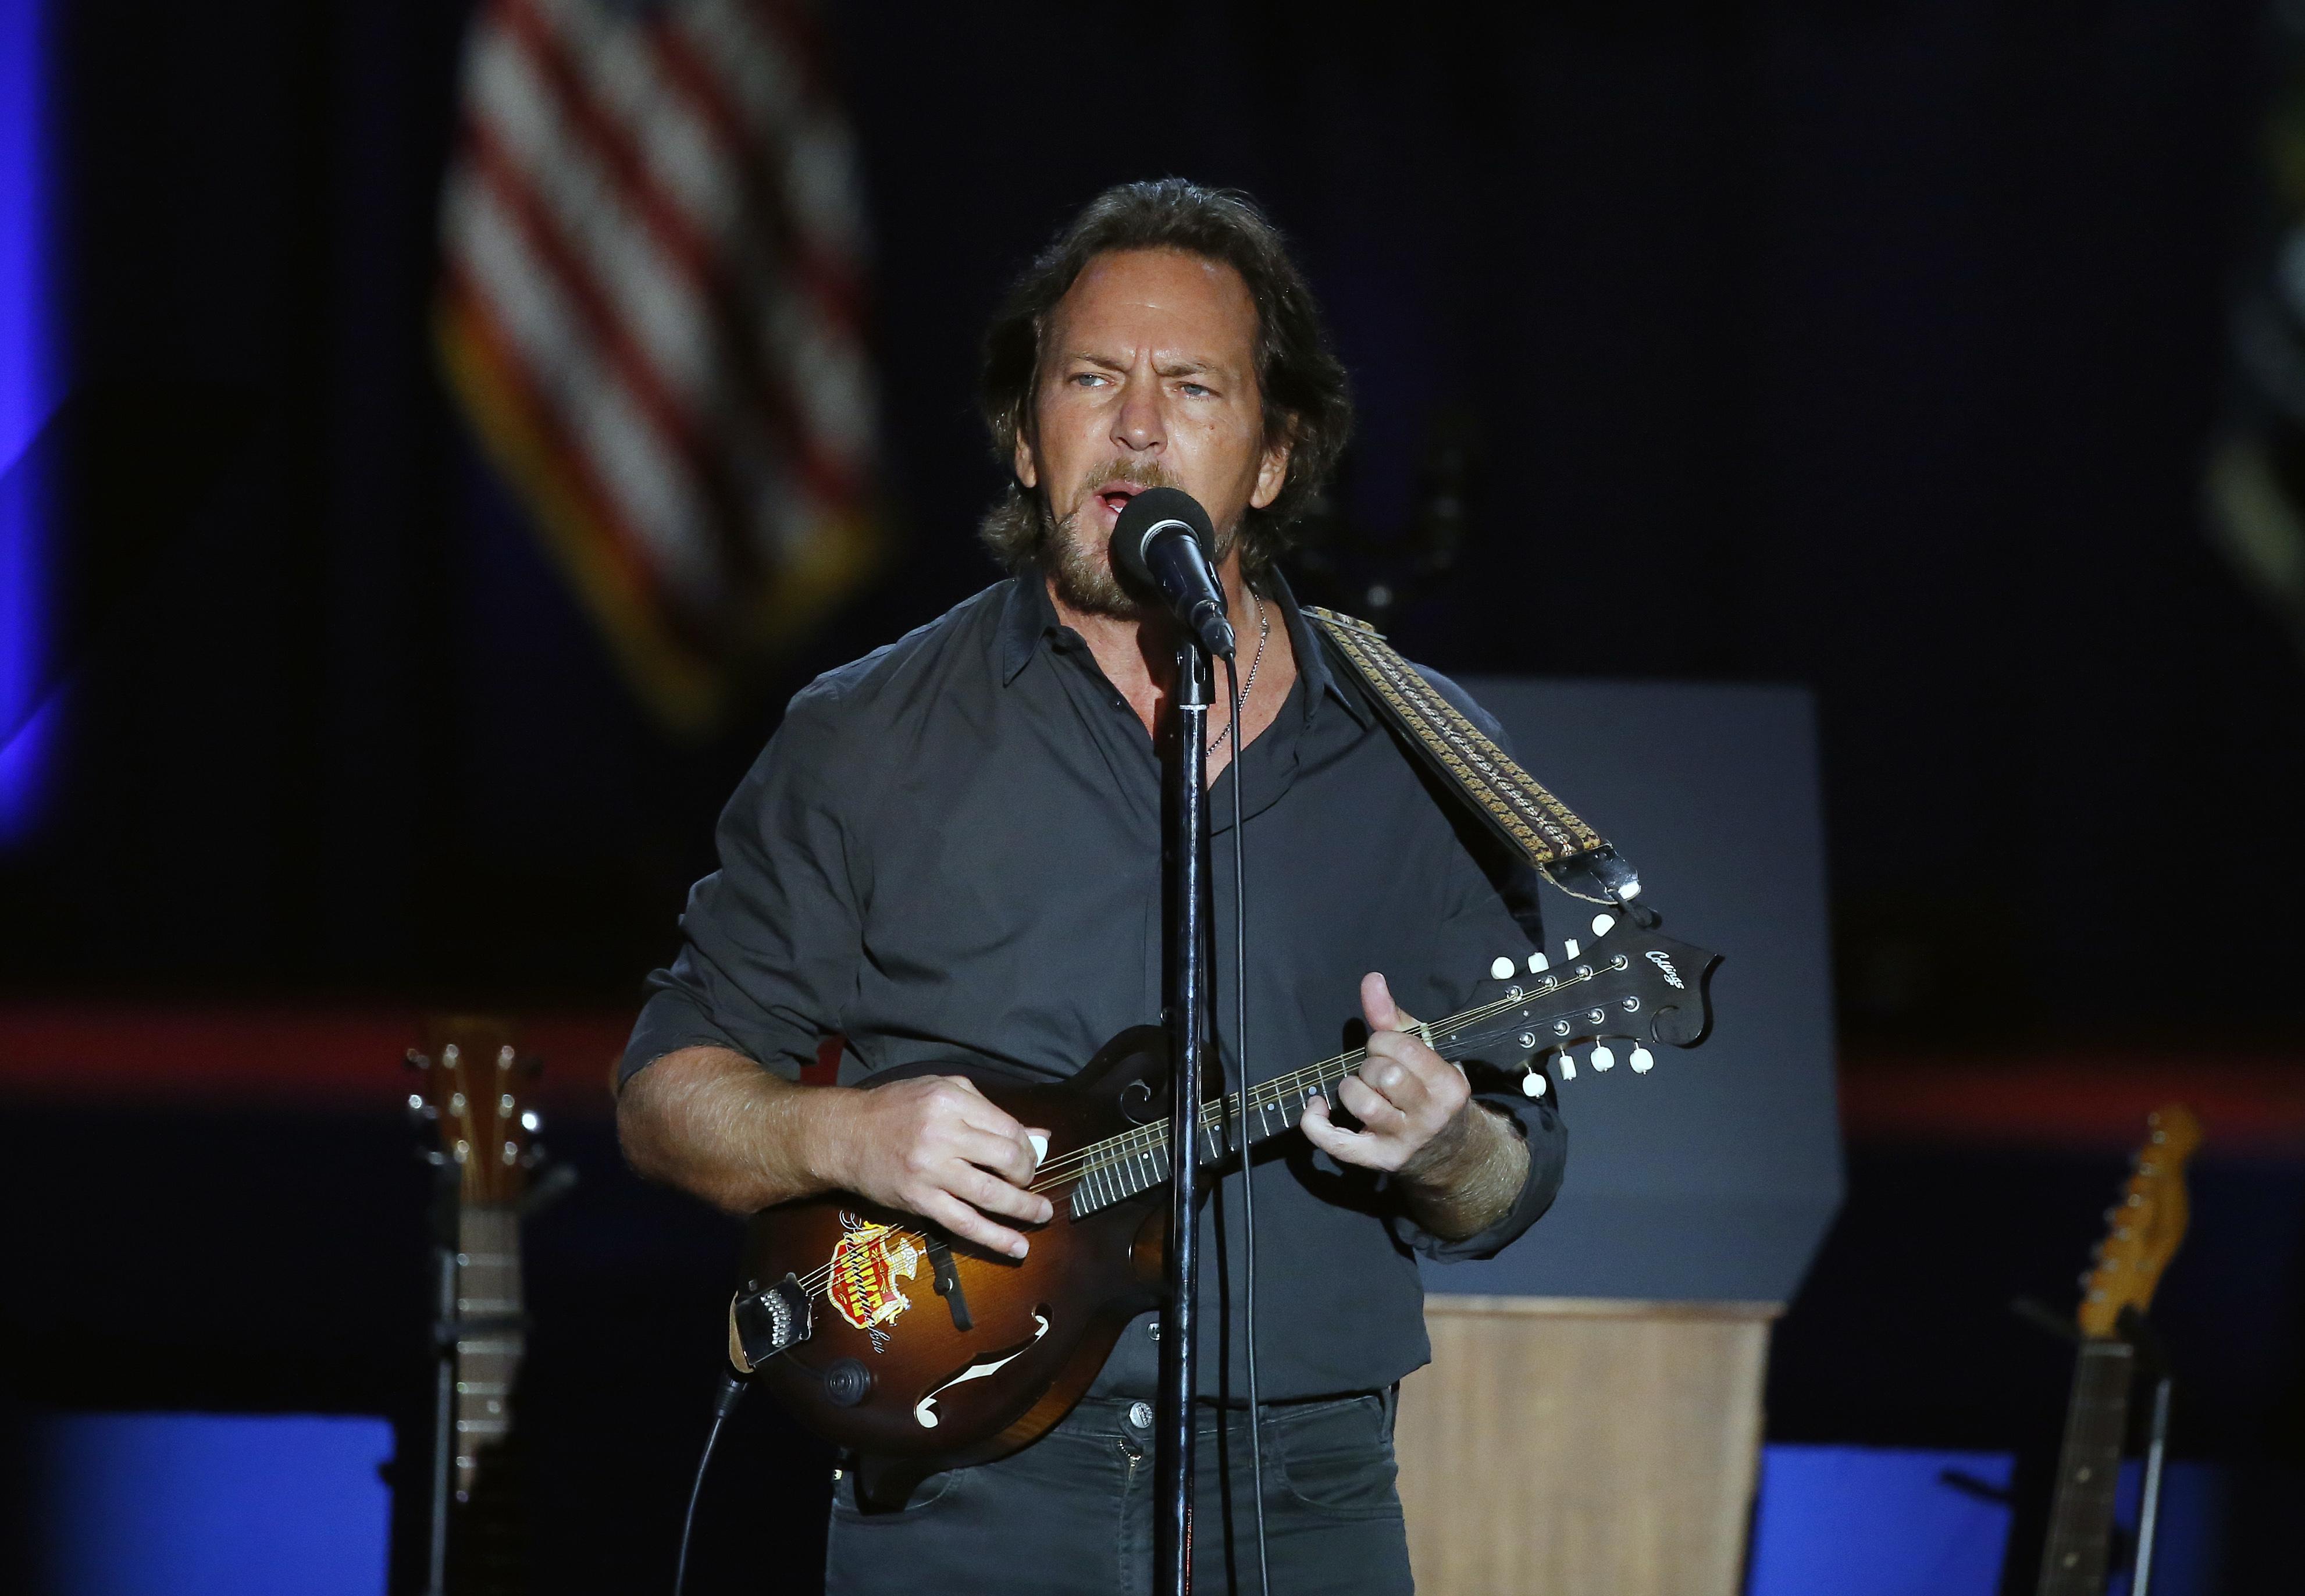 El cantante Eddie Vedder, de Pearl Jam, abrió el acto con un emocionante show (AP)